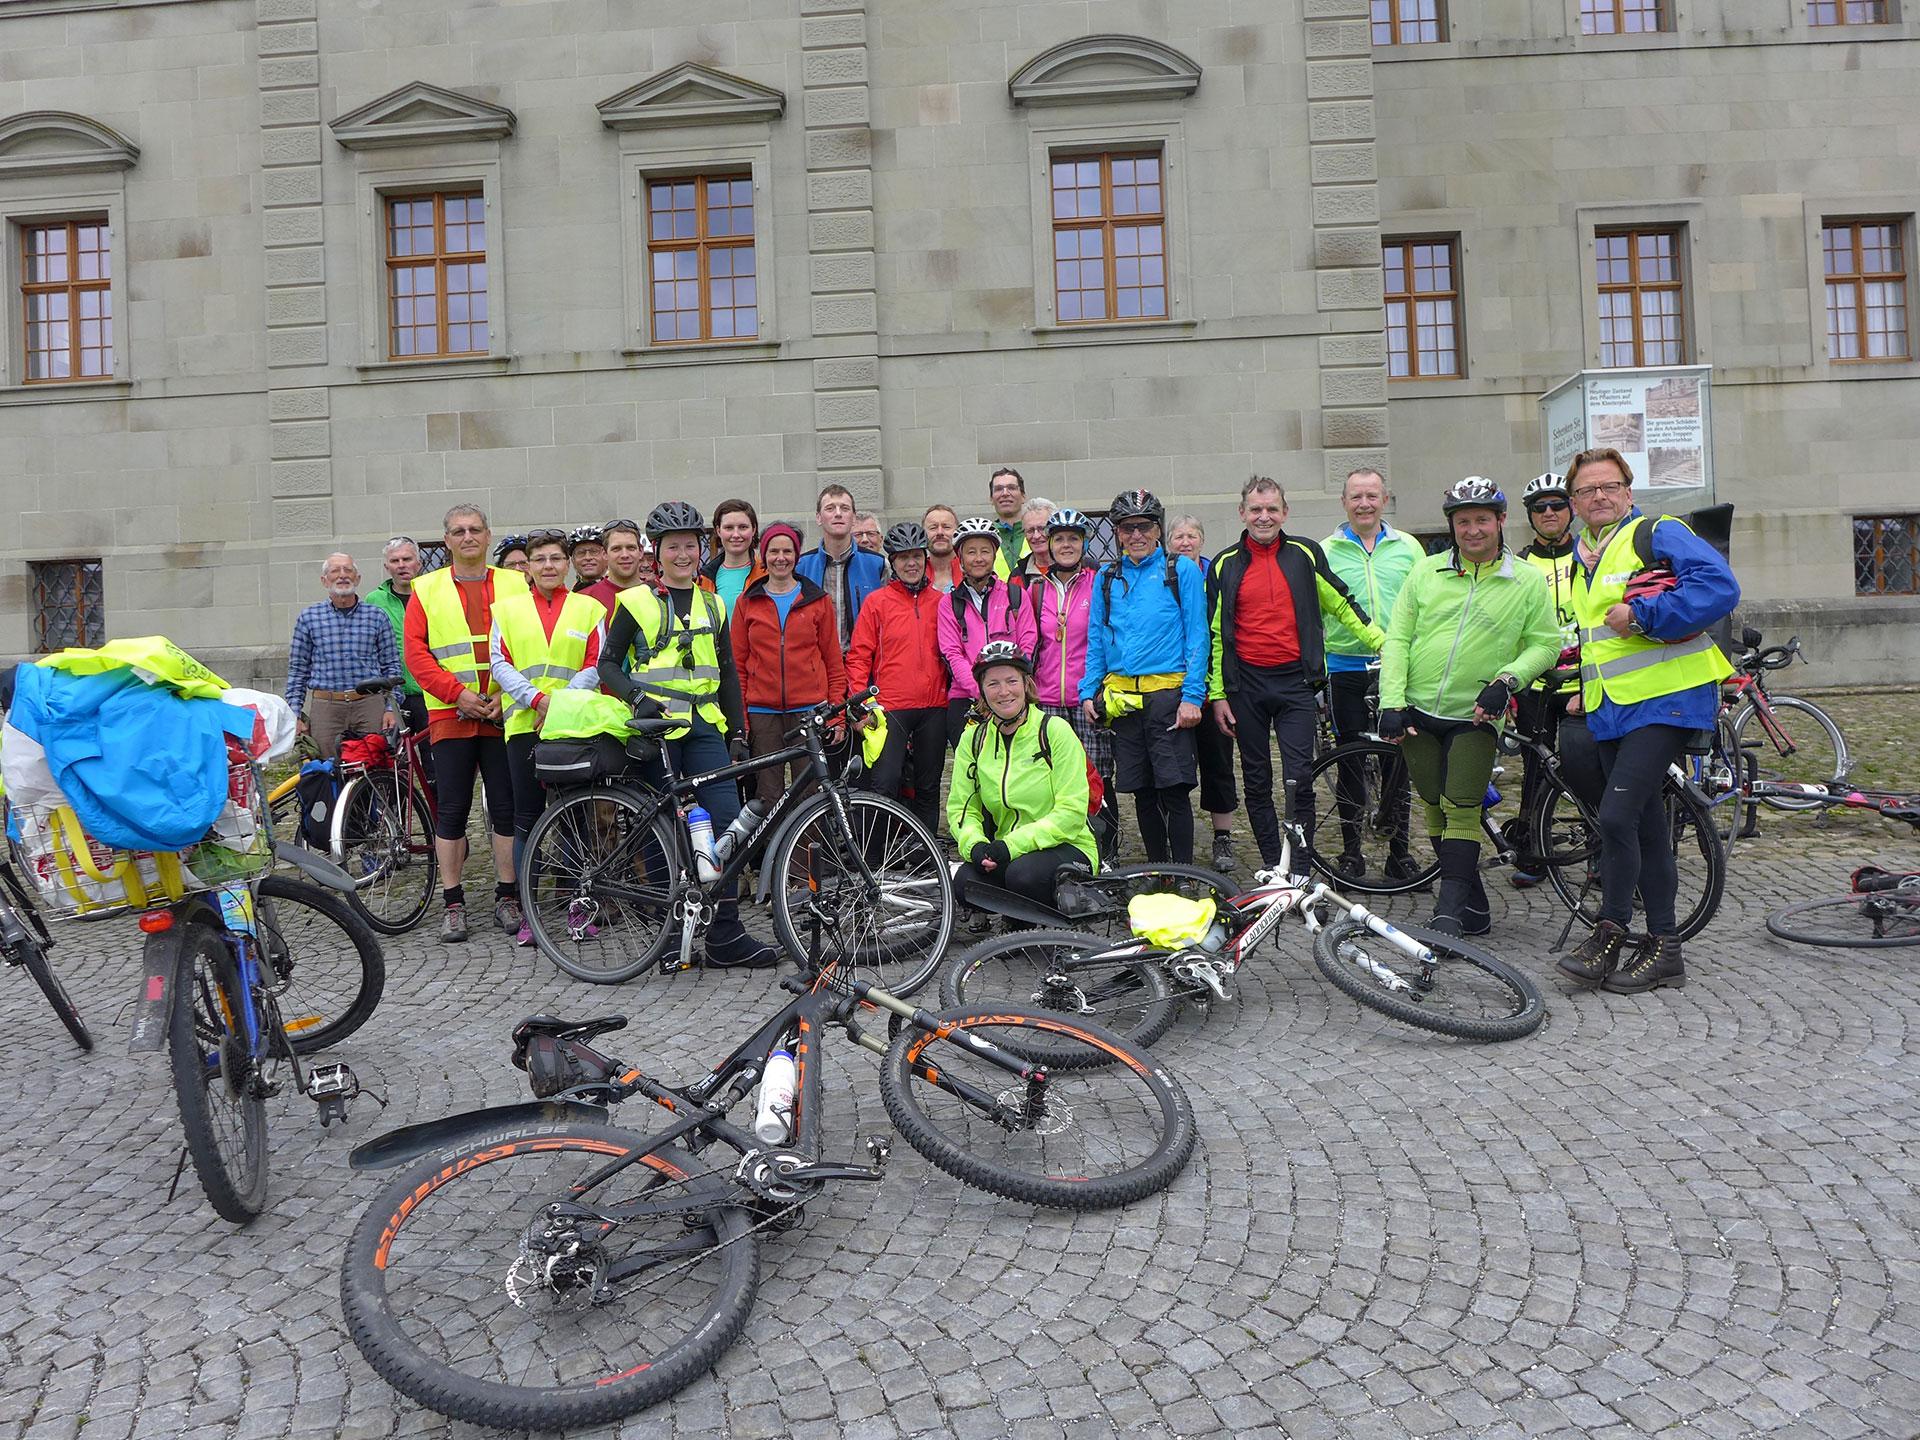 Die Velopilgerinnen und -pilger nach der Ankunft vor dem Kloster Einsiedeln. | © 2015 Dominik Thali